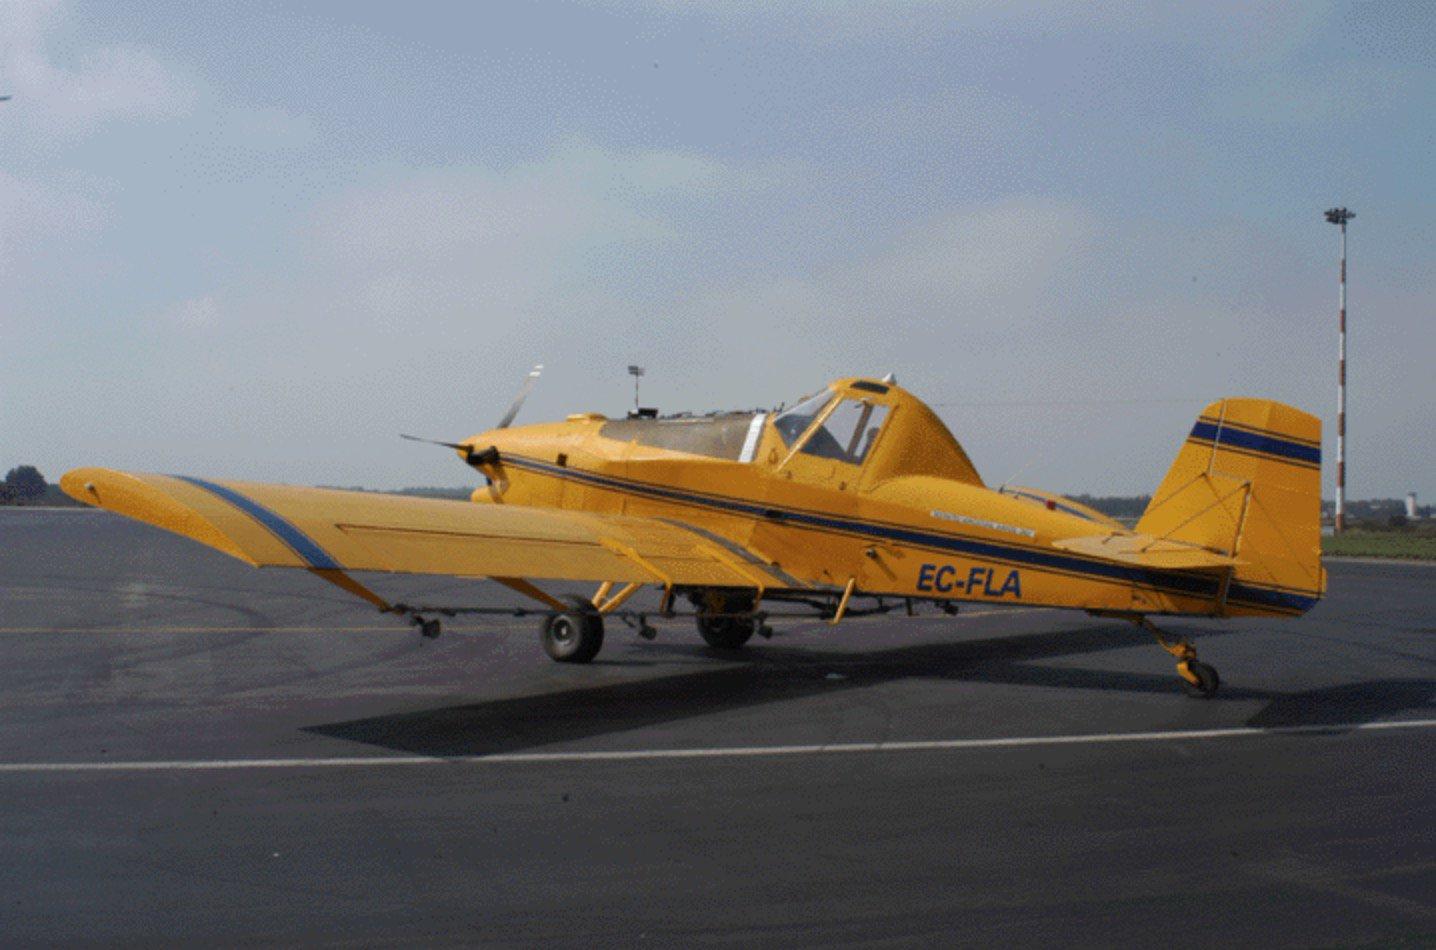 Crash à Podor : Le défunt pilote français devait finir sa mission ce mercredi